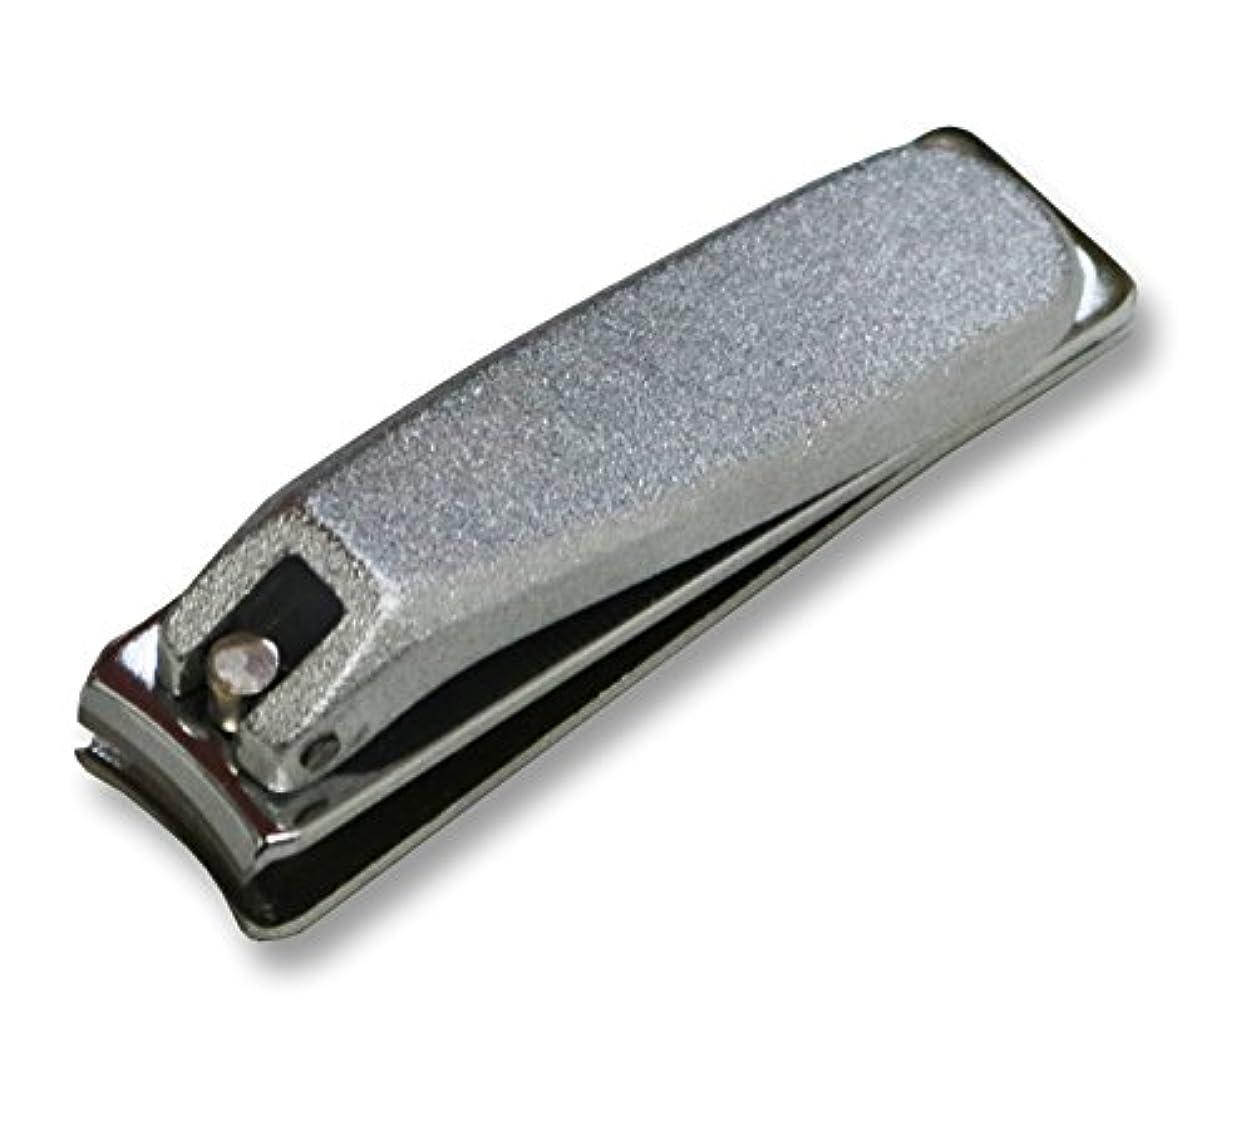 集まる戦い理解するKD-023 関の刃物 クローム爪切 小 カバー無